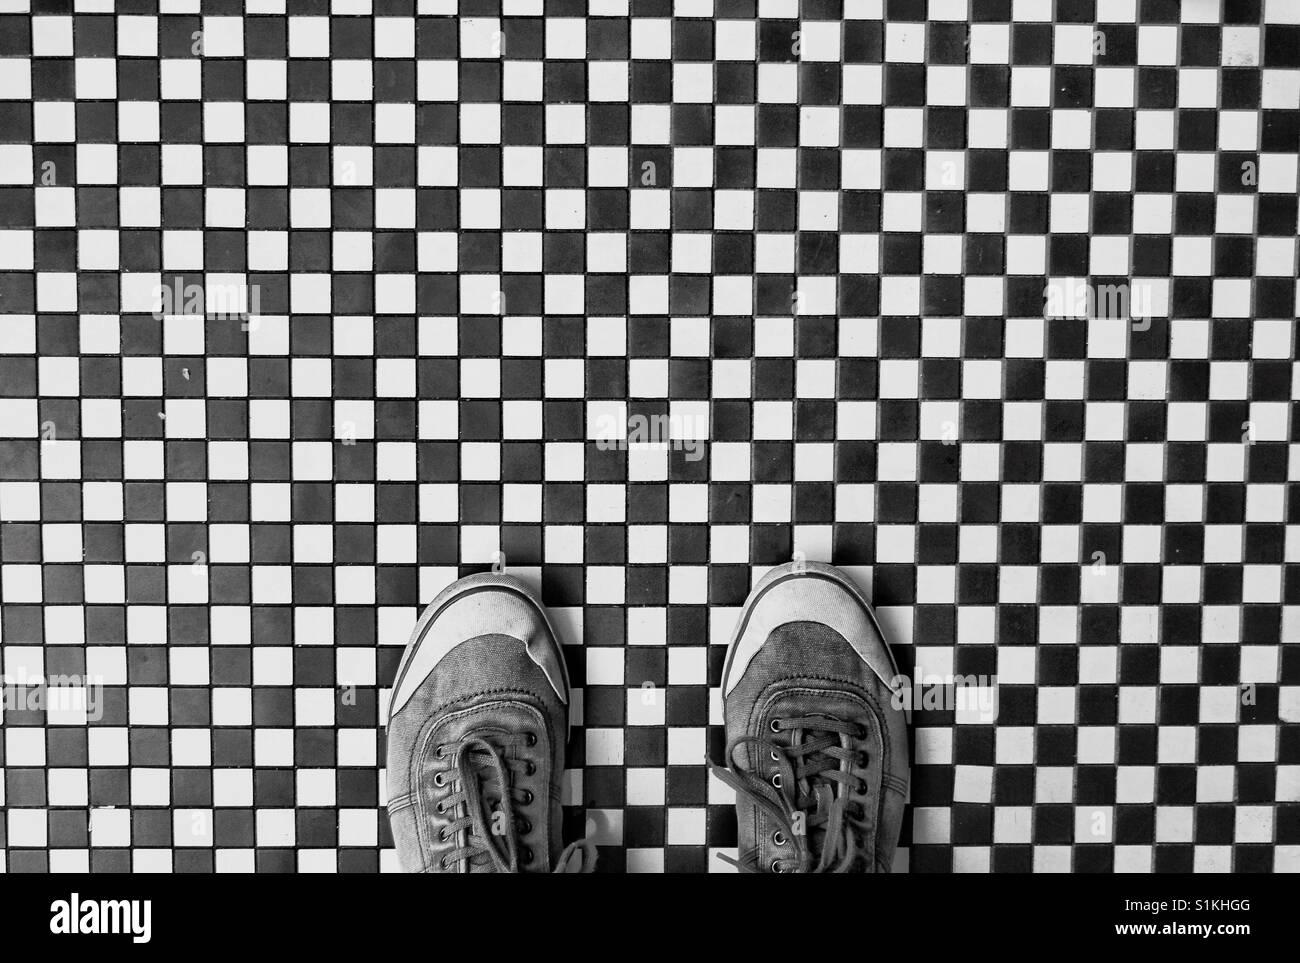 Guardando verso il basso a partire da sopra su un paio di scarpe in una  calzatura 7b12b668412